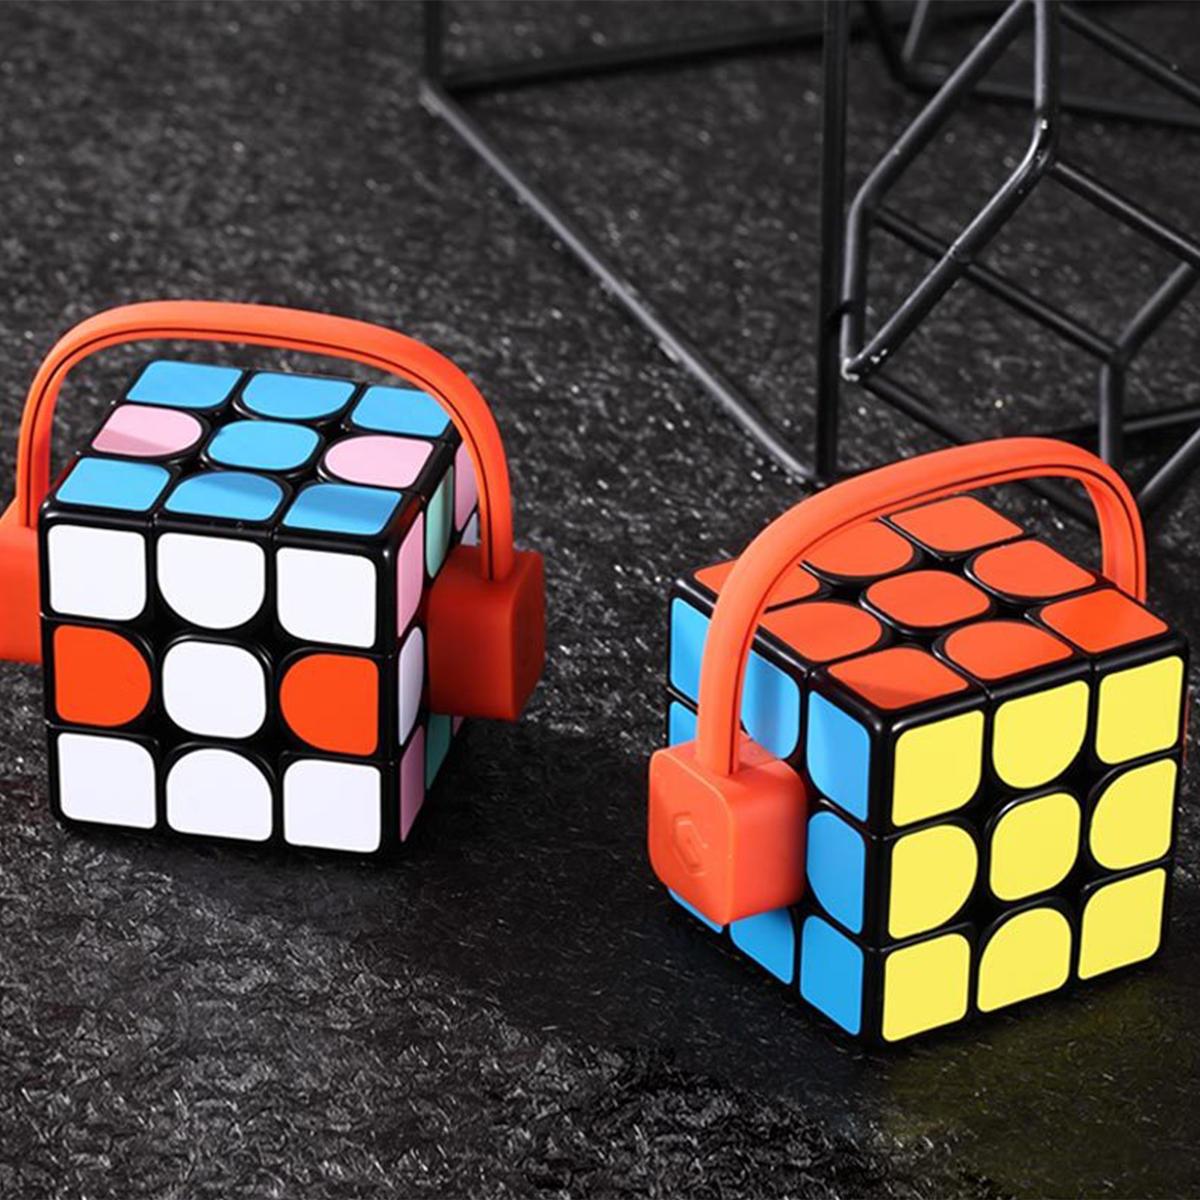 giiker cube